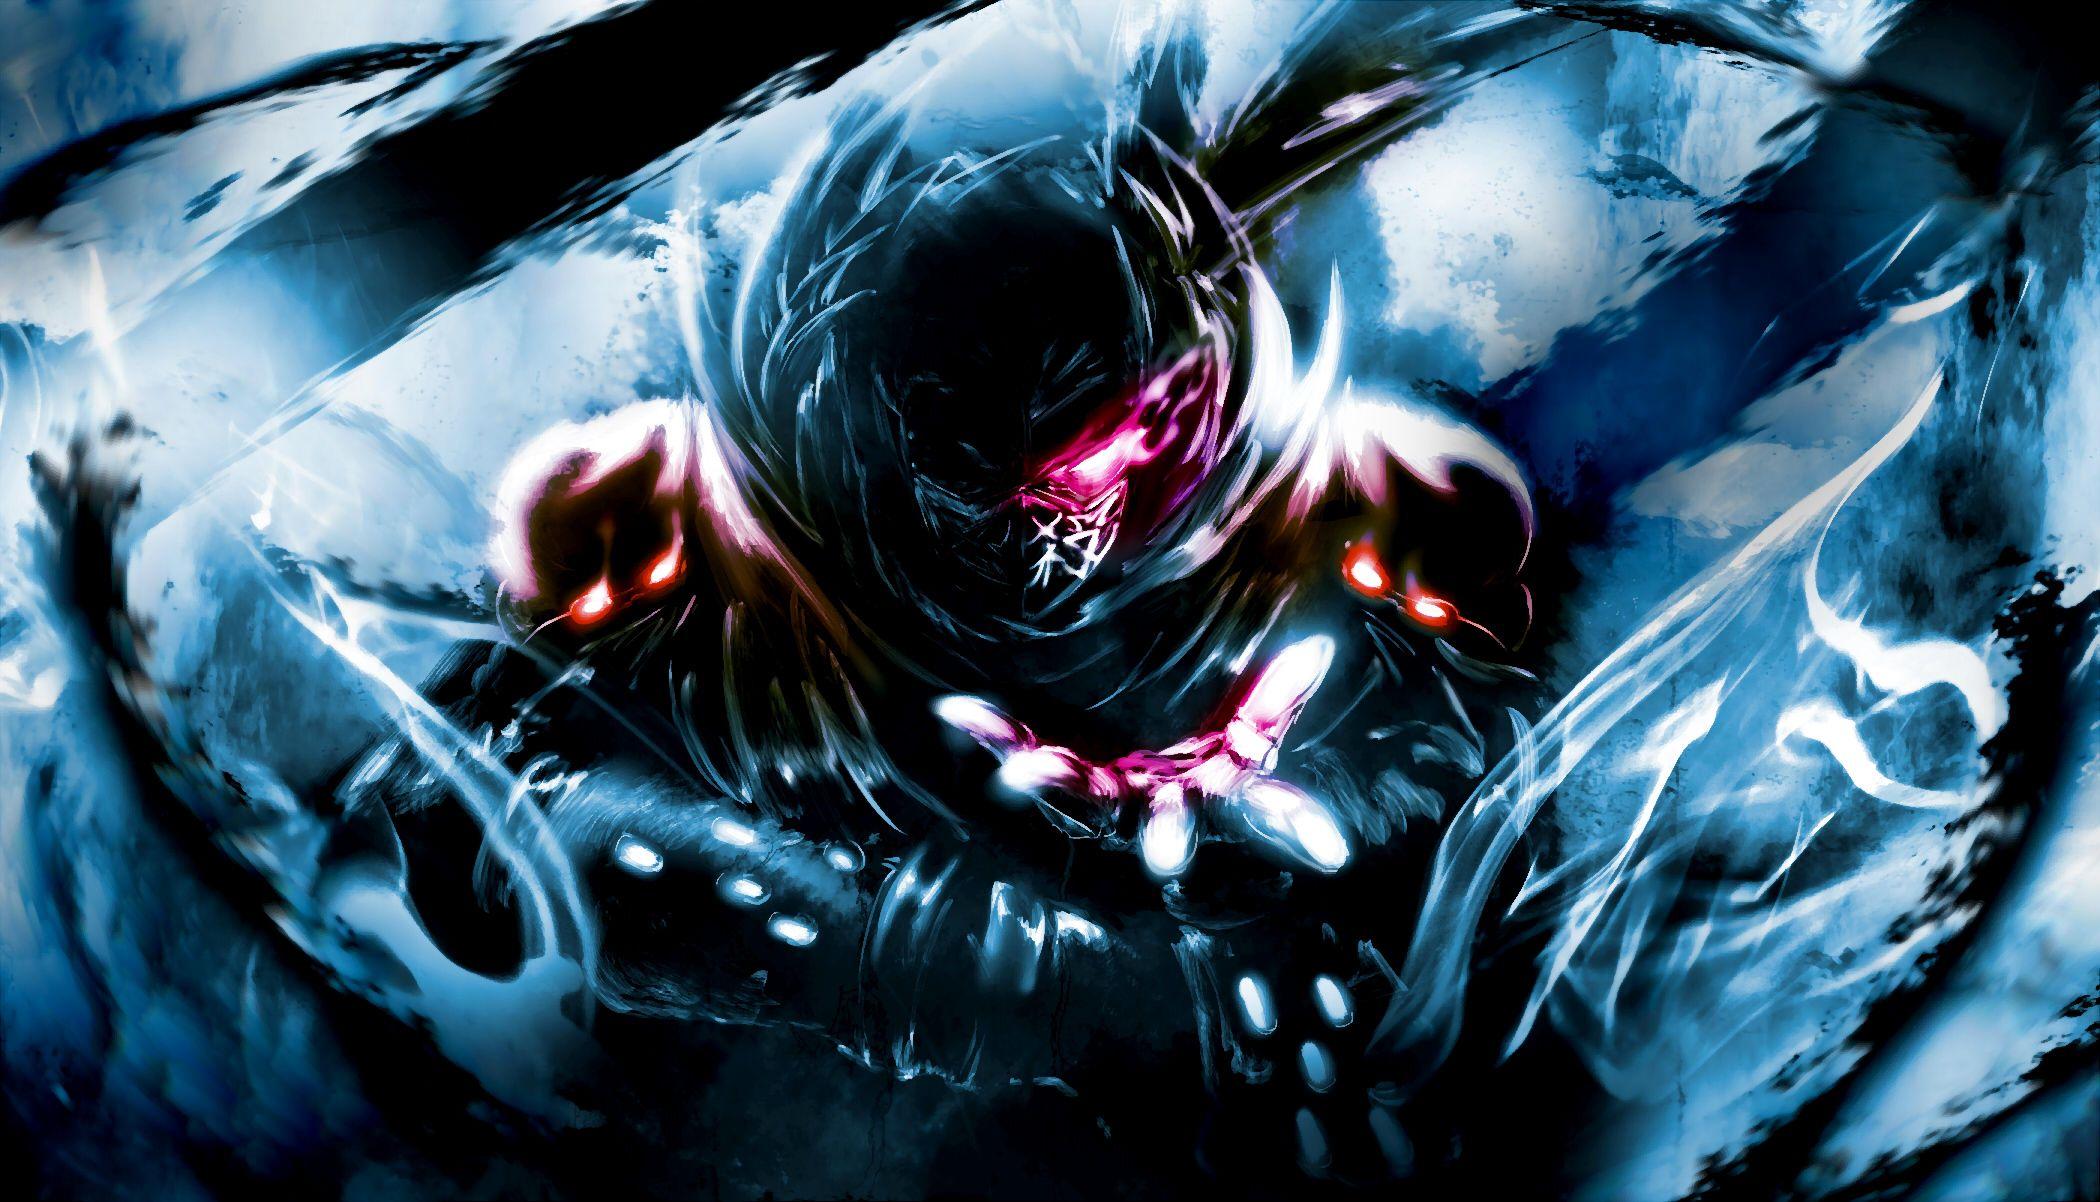 The Ninja Anime Boy Cool Ninja Wallpaper anime 2100x1202